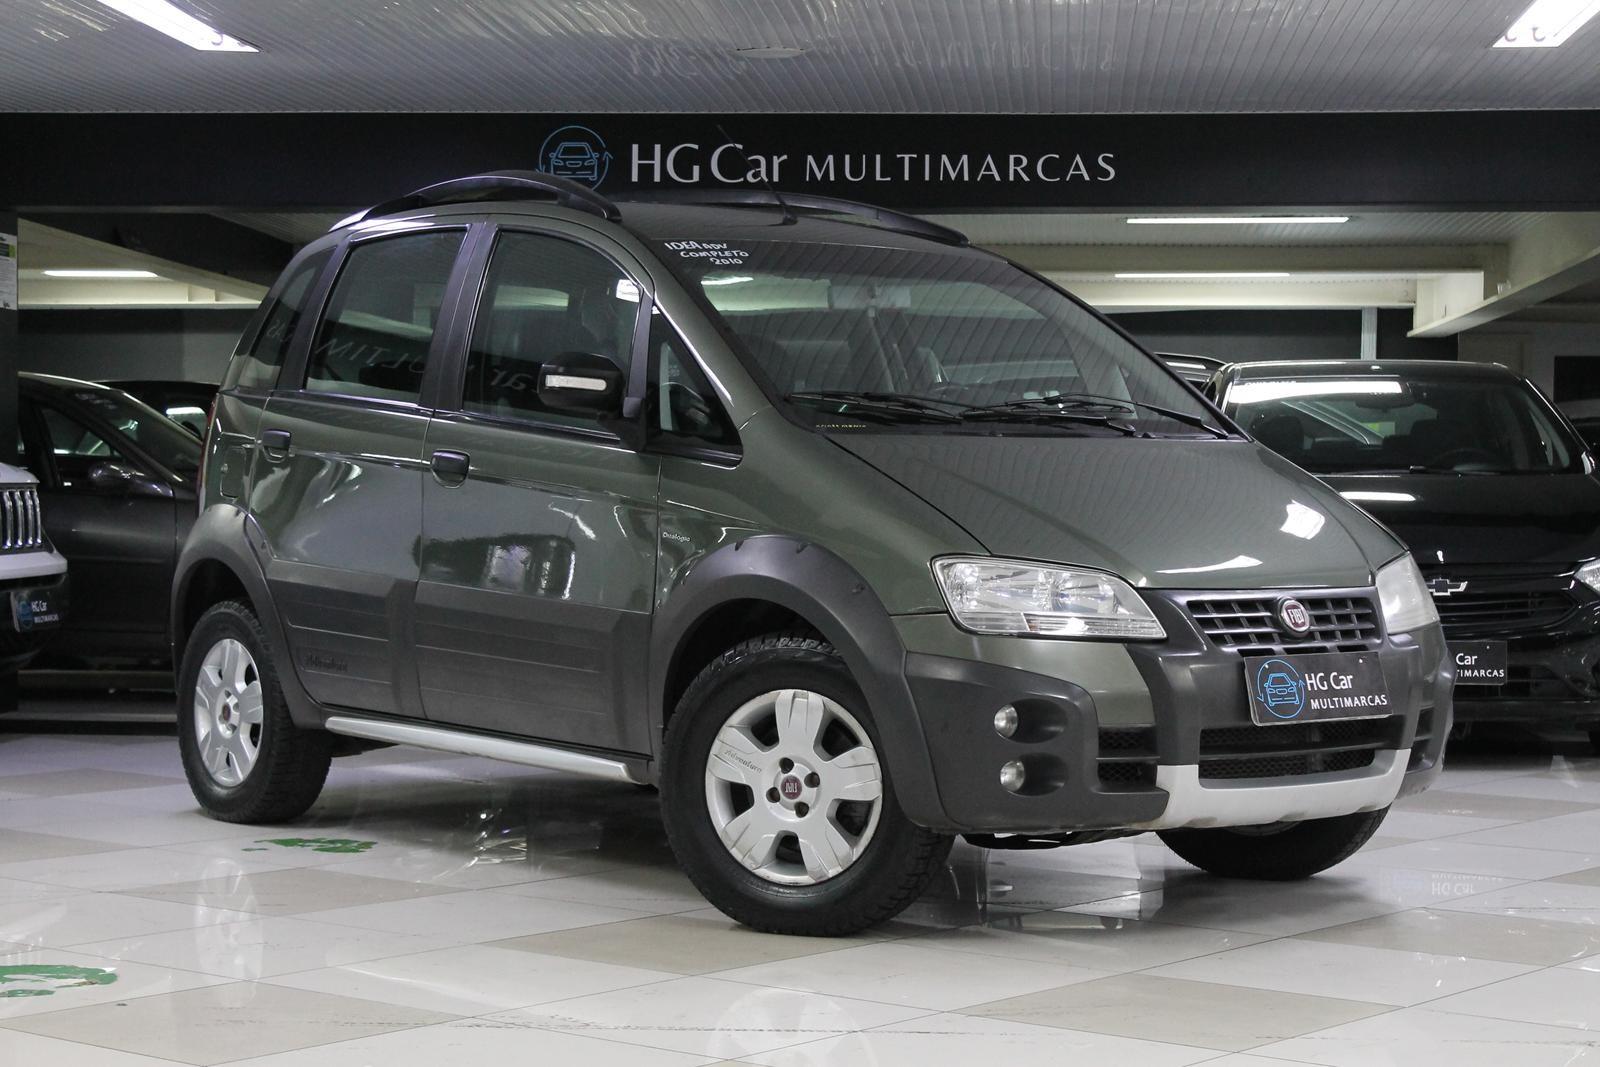 //www.autoline.com.br/carro/fiat/idea-18-adventure-8v-flex-4p-dualogic/2010/belo-horizonte-mg/15439138